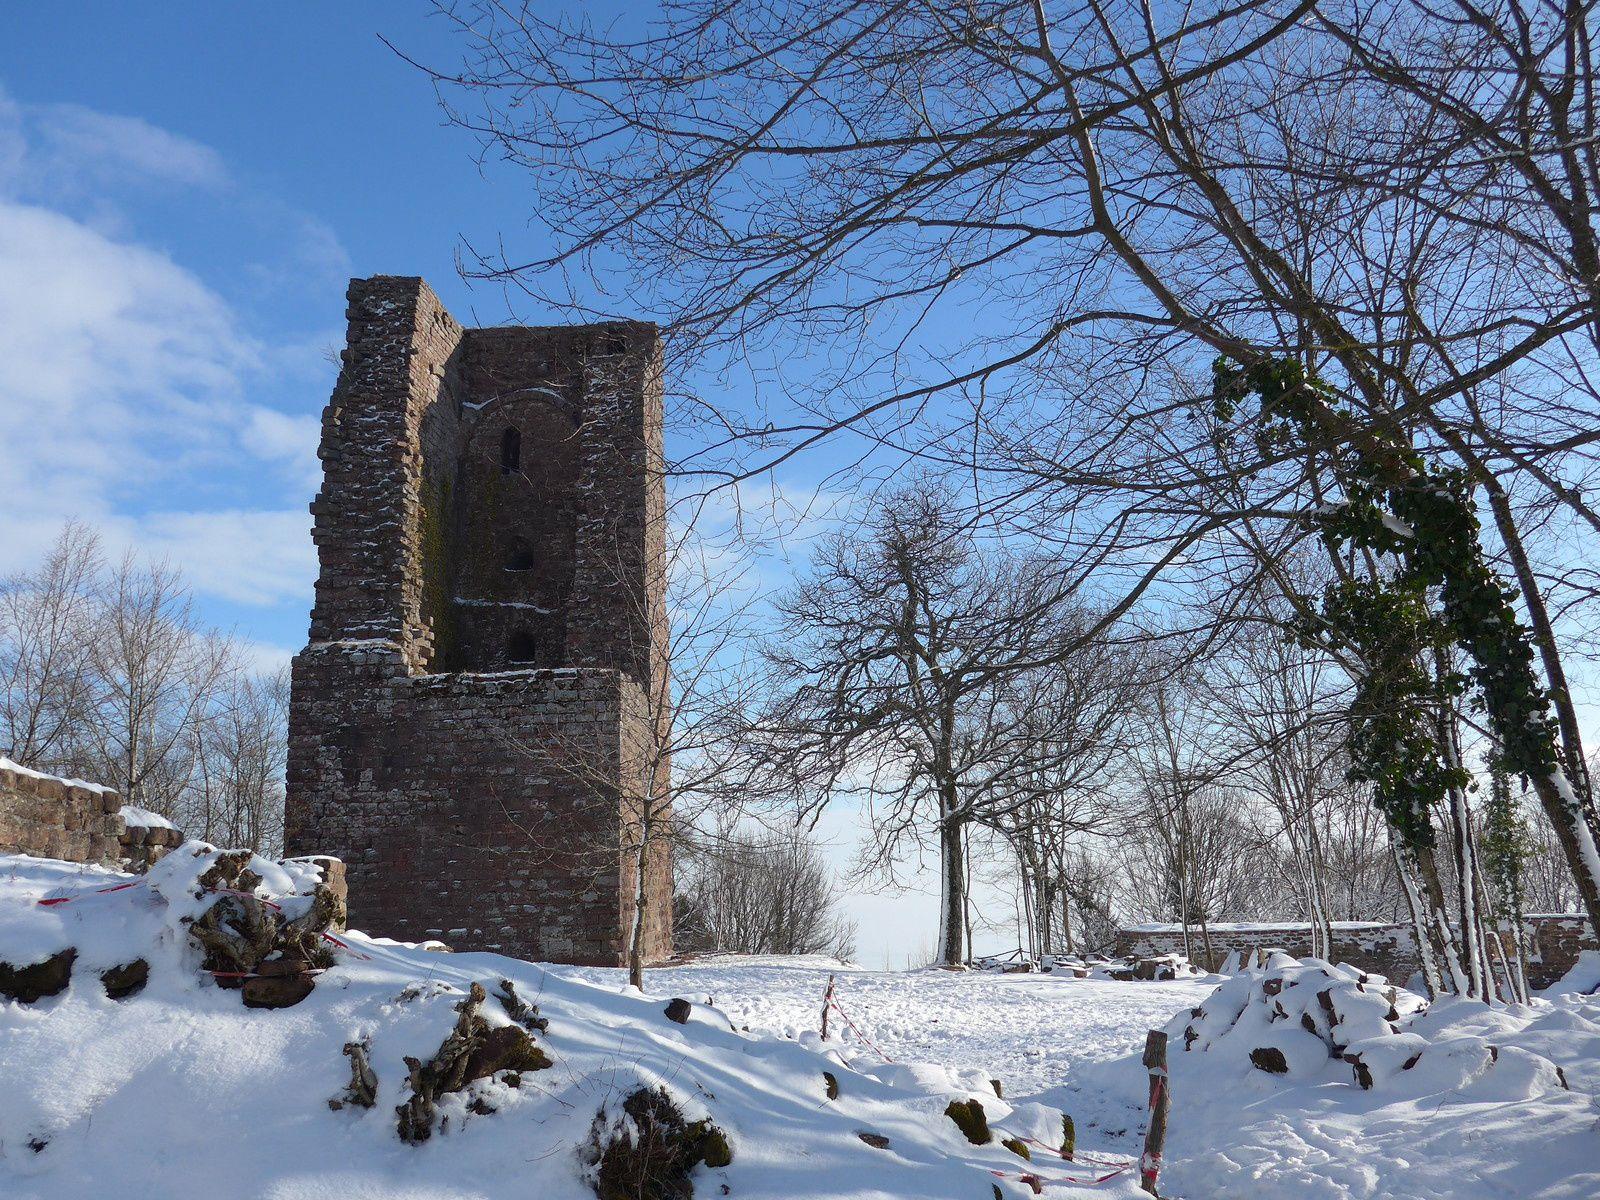 le donjon, 47 mètres de haut et des murs de 3 mètres d'épaisseurs.